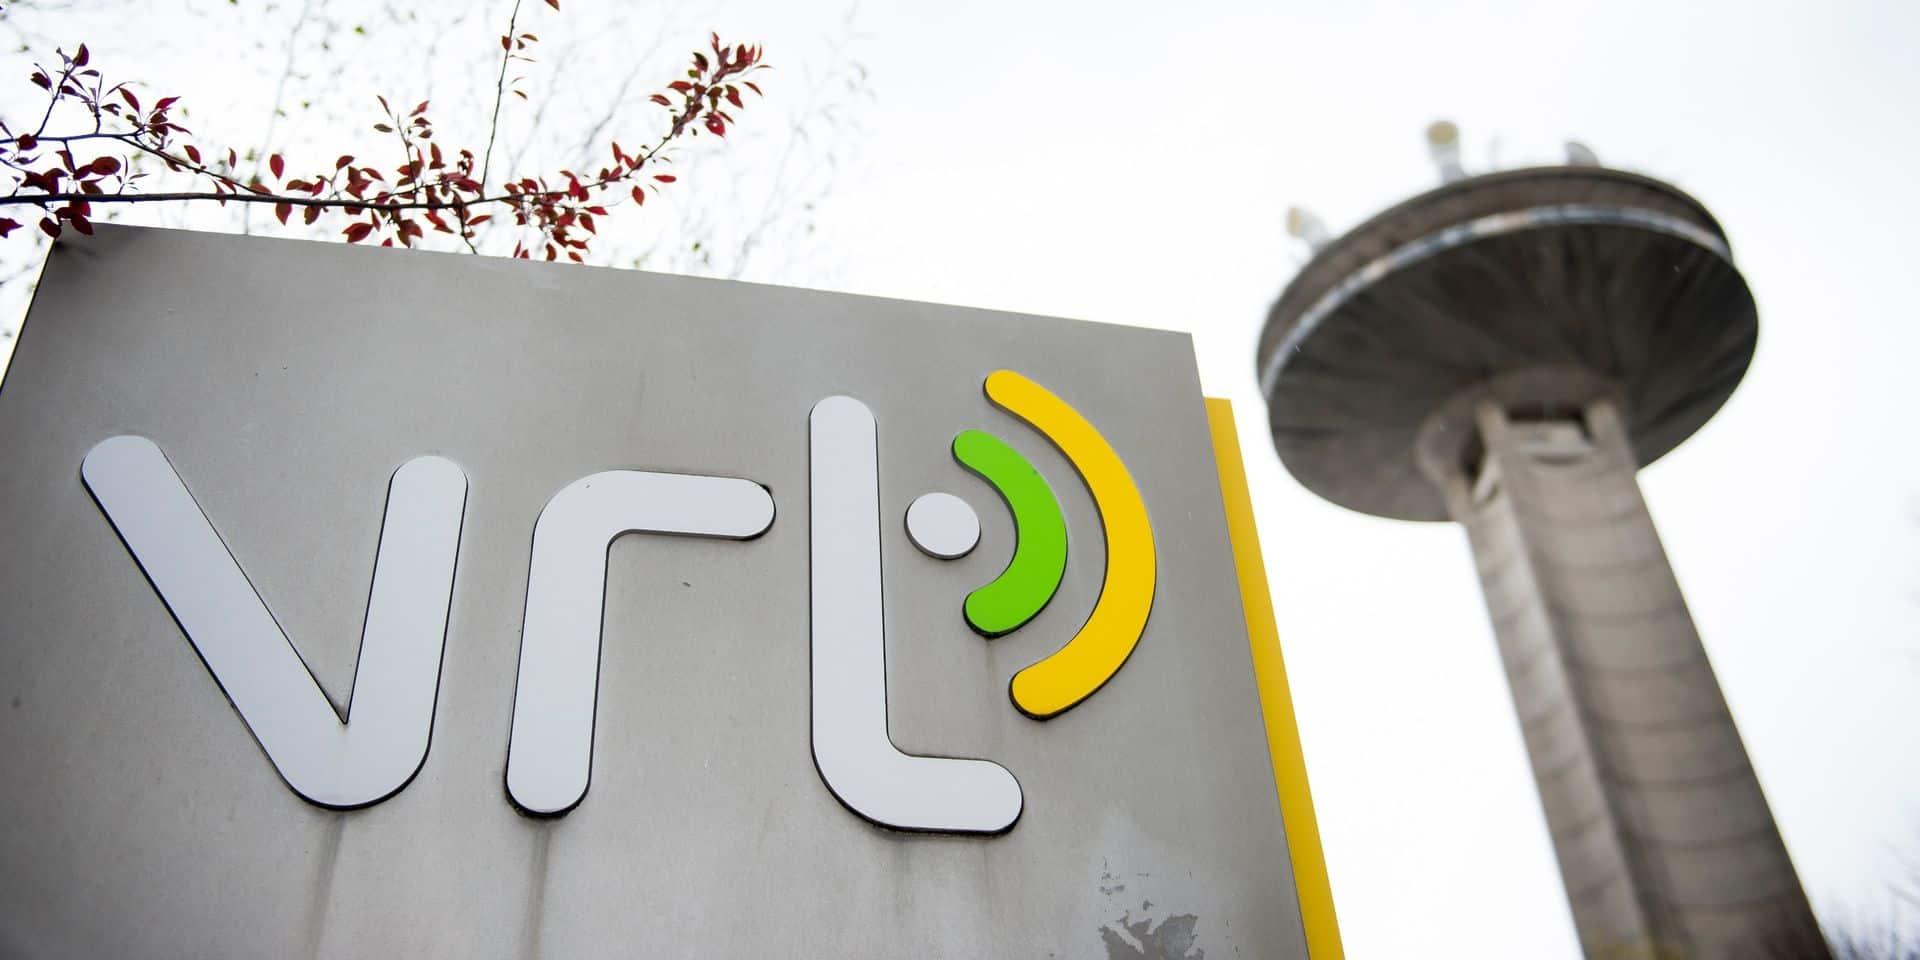 La subvention de la VRT passe à 258 millions d'euros